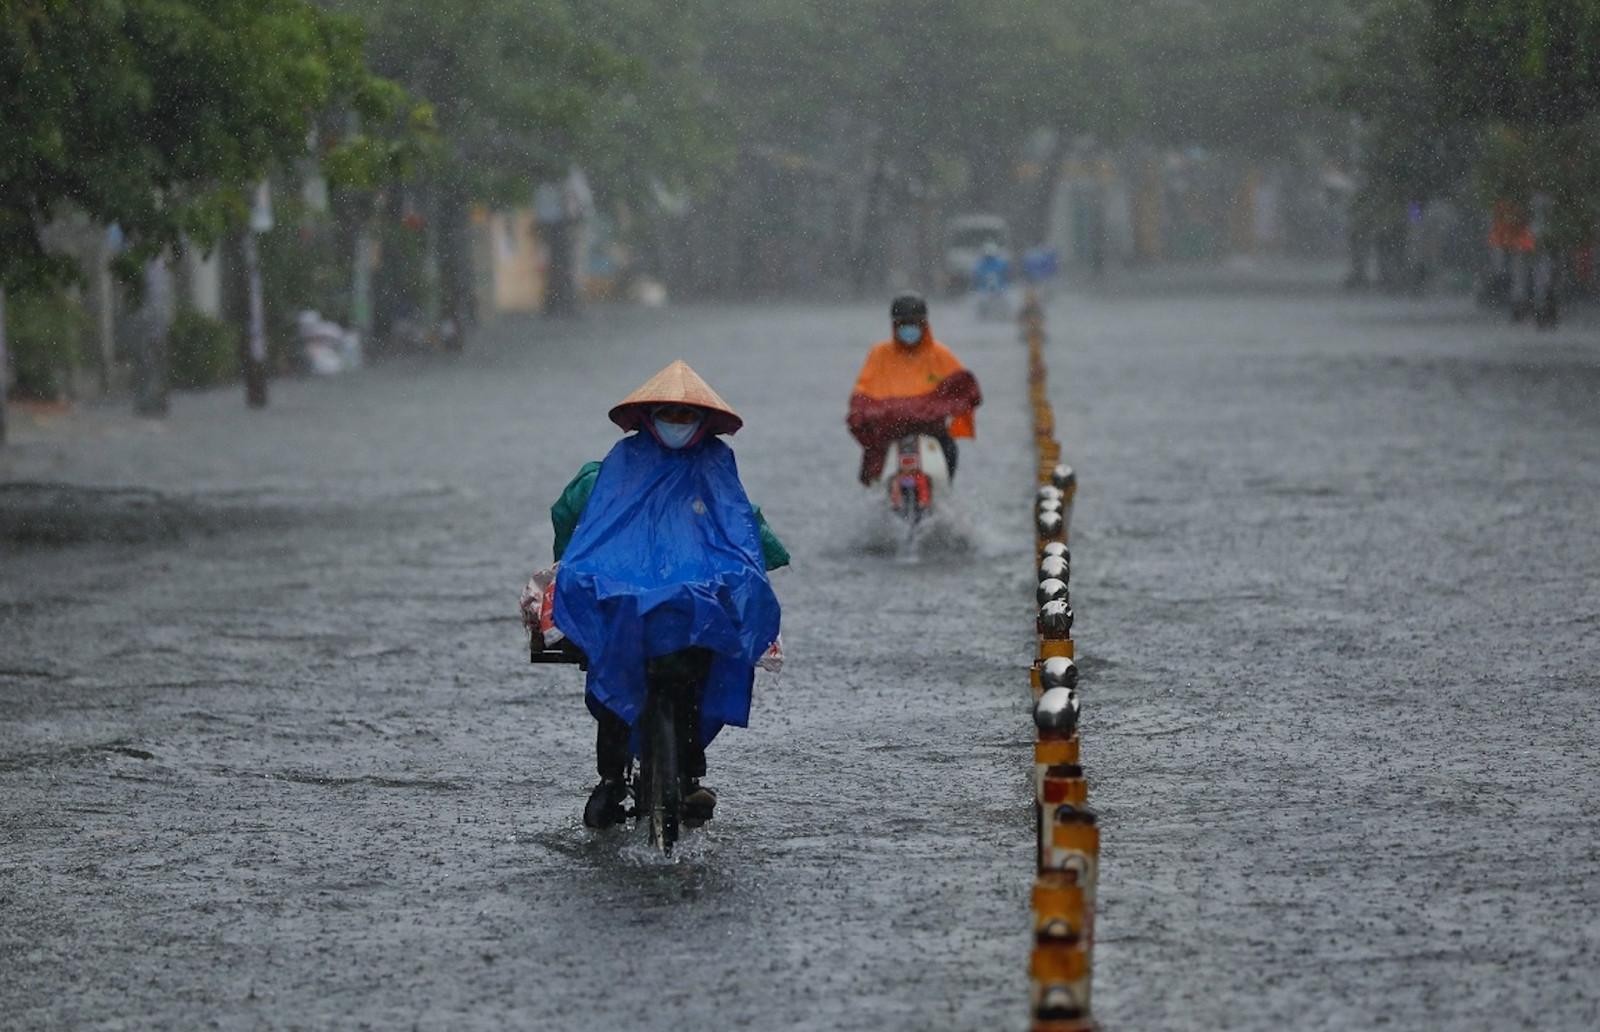 Miền Bắc đón đợt mưa dông lớn dài ngày, đề phòng thời tiết nguy hiểm